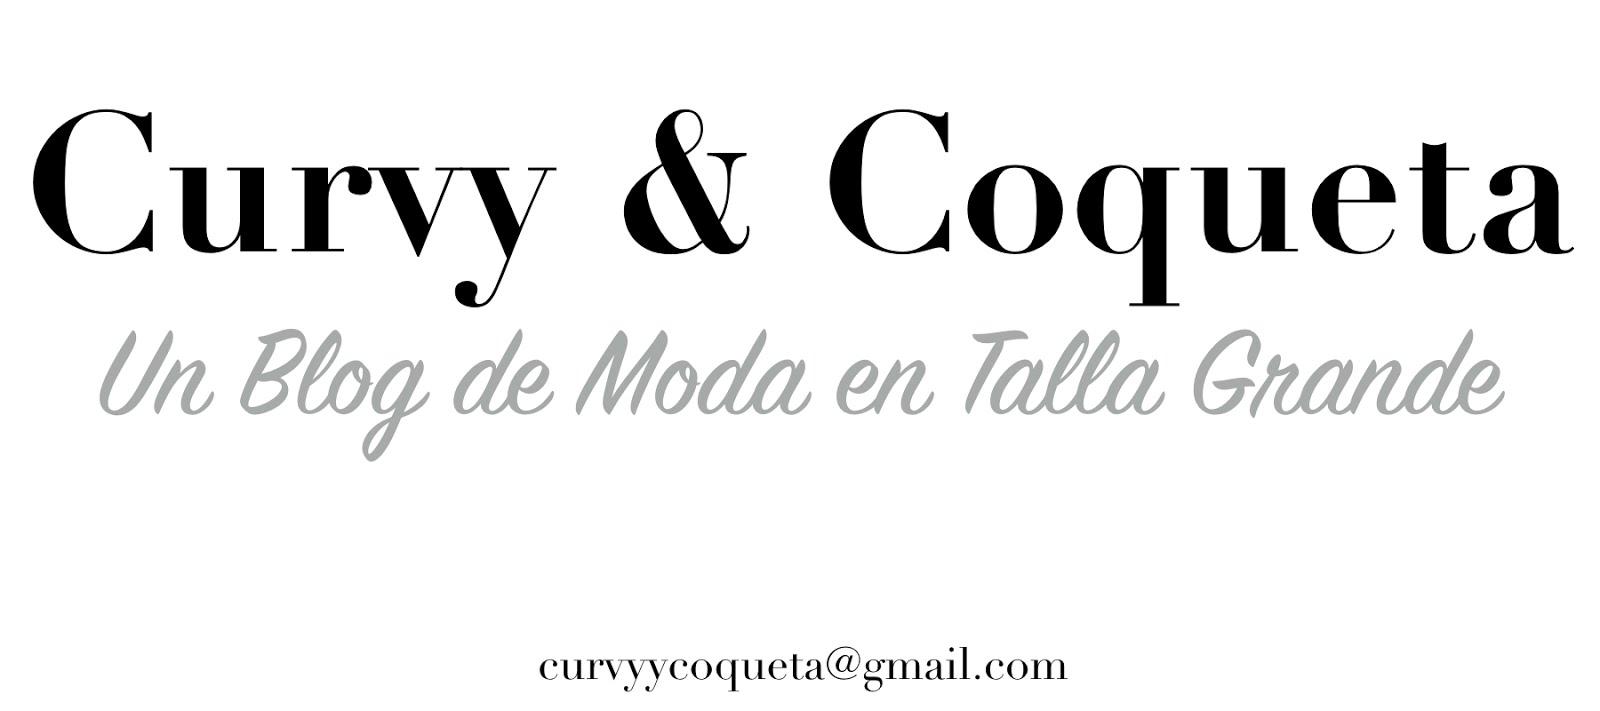 Curvy y Coqueta